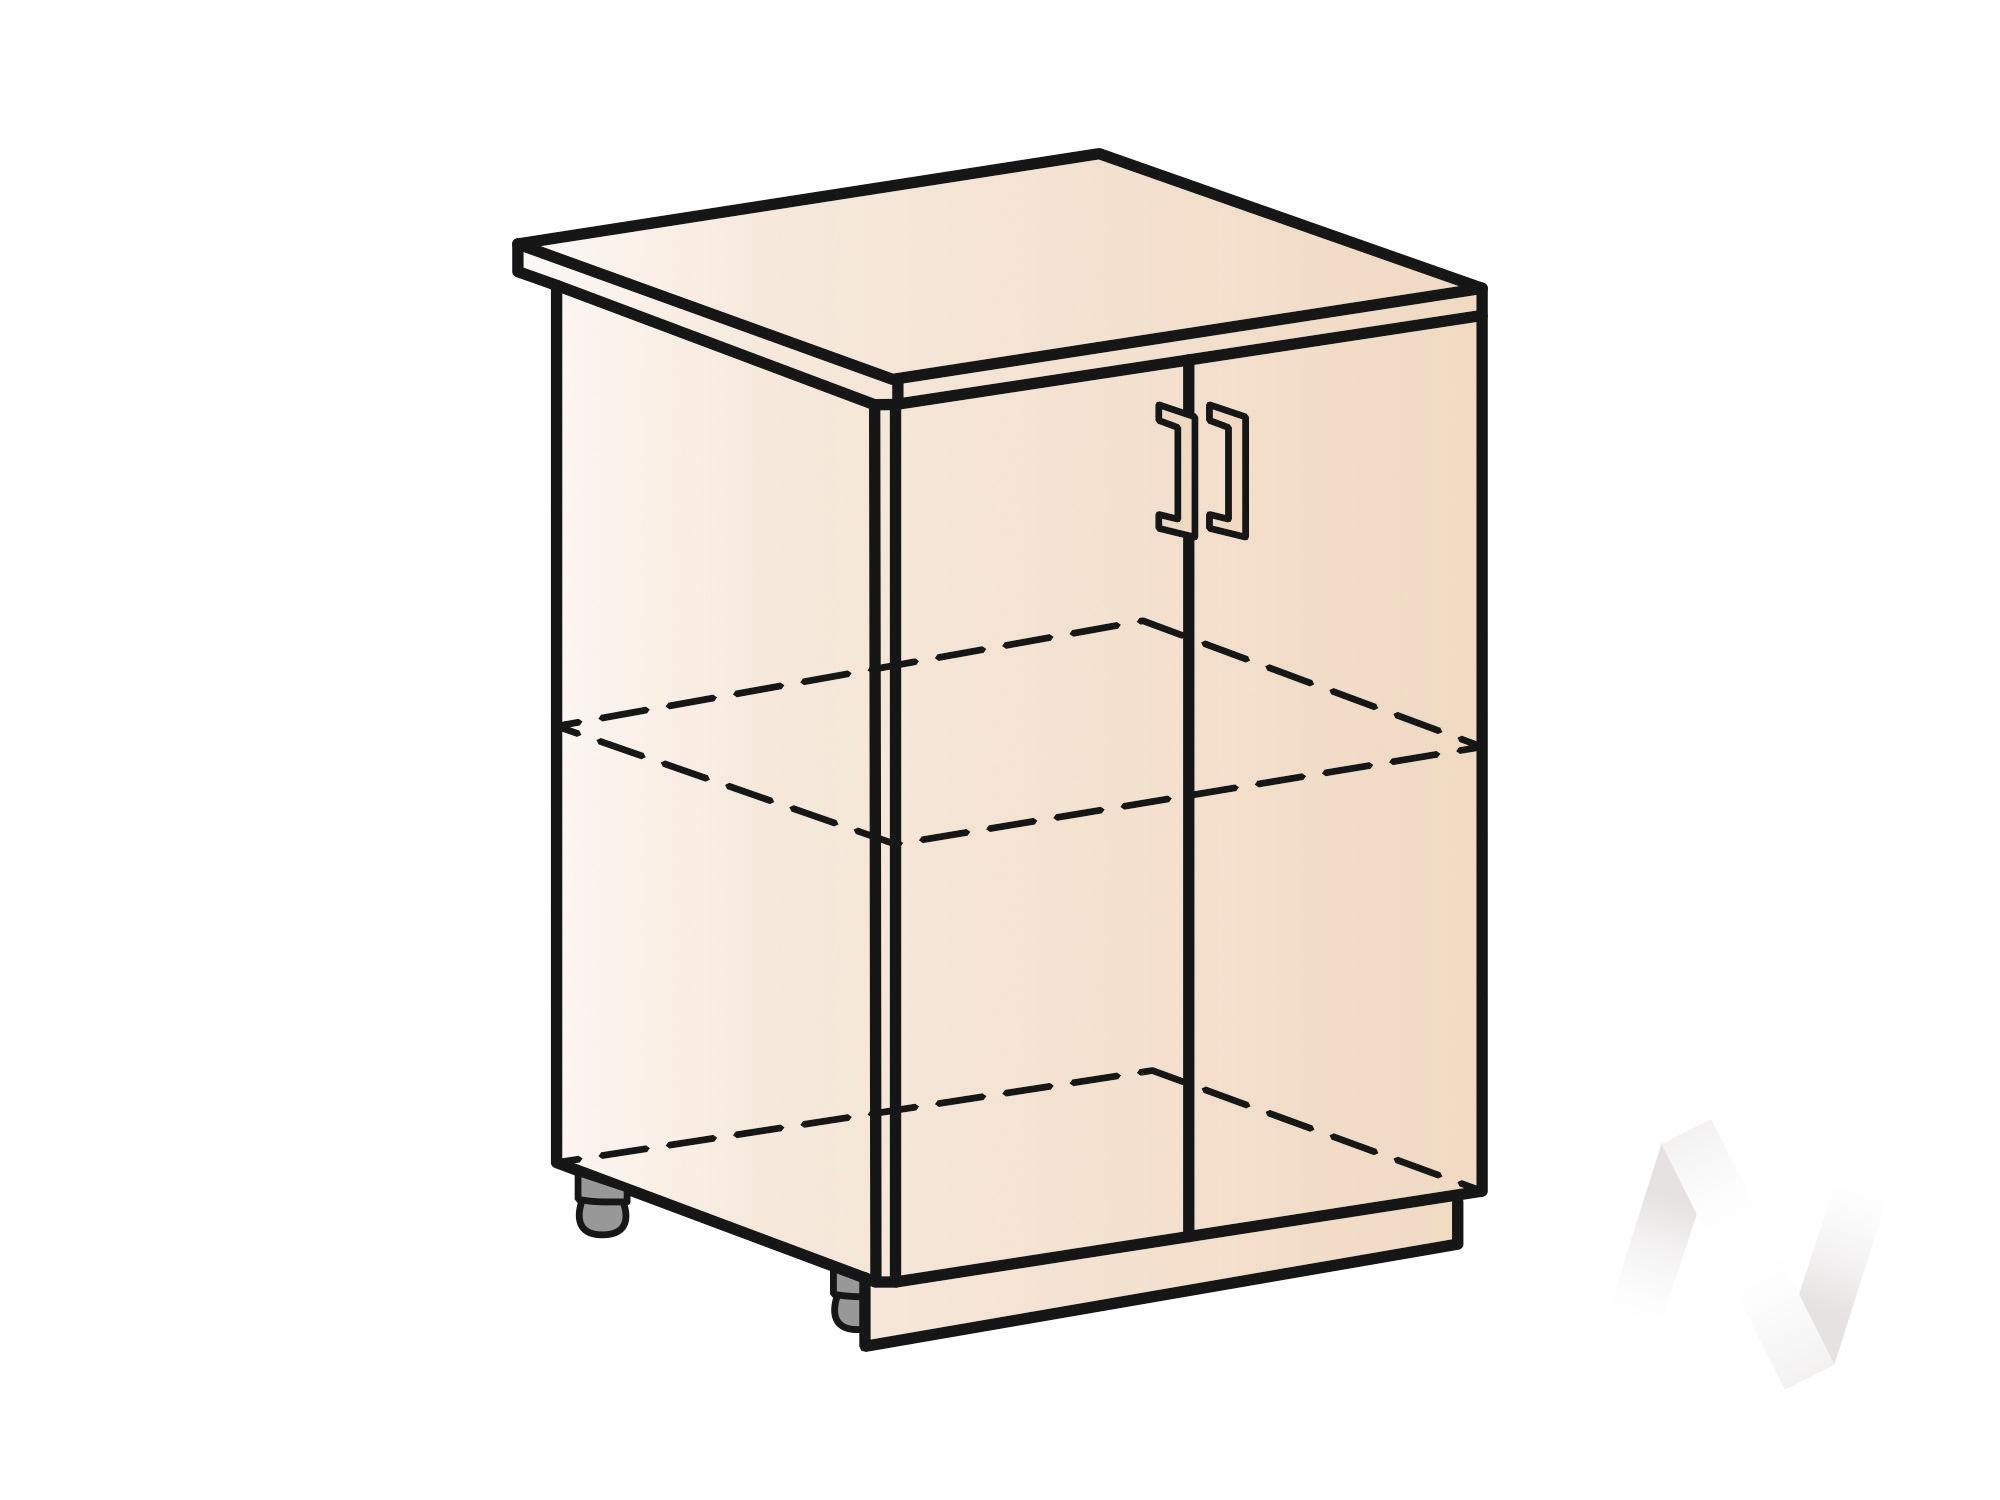 """Кухня """"Люкс"""": Шкаф нижний 600, ШН 600 (Шелк жемчуг/корпус белый) в Томске — авторская мебель Экостиль"""